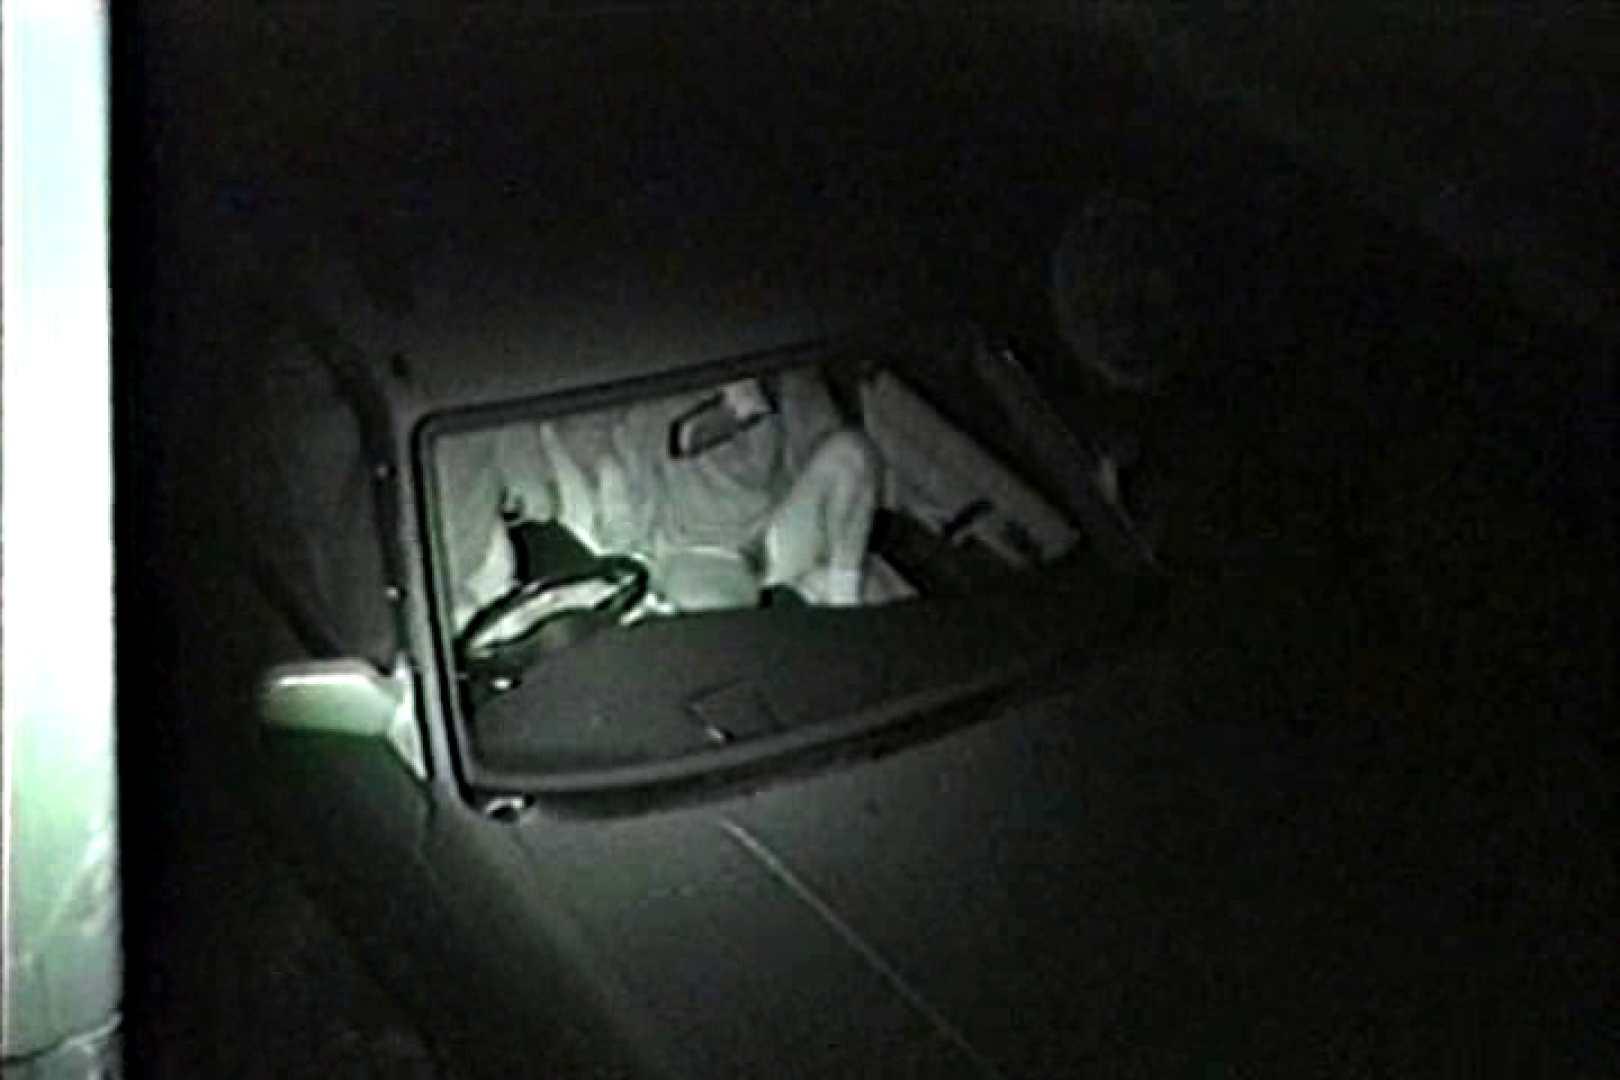 車の中はラブホテル 無修正版  Vol.7 接写 AV動画キャプチャ 81pic 30